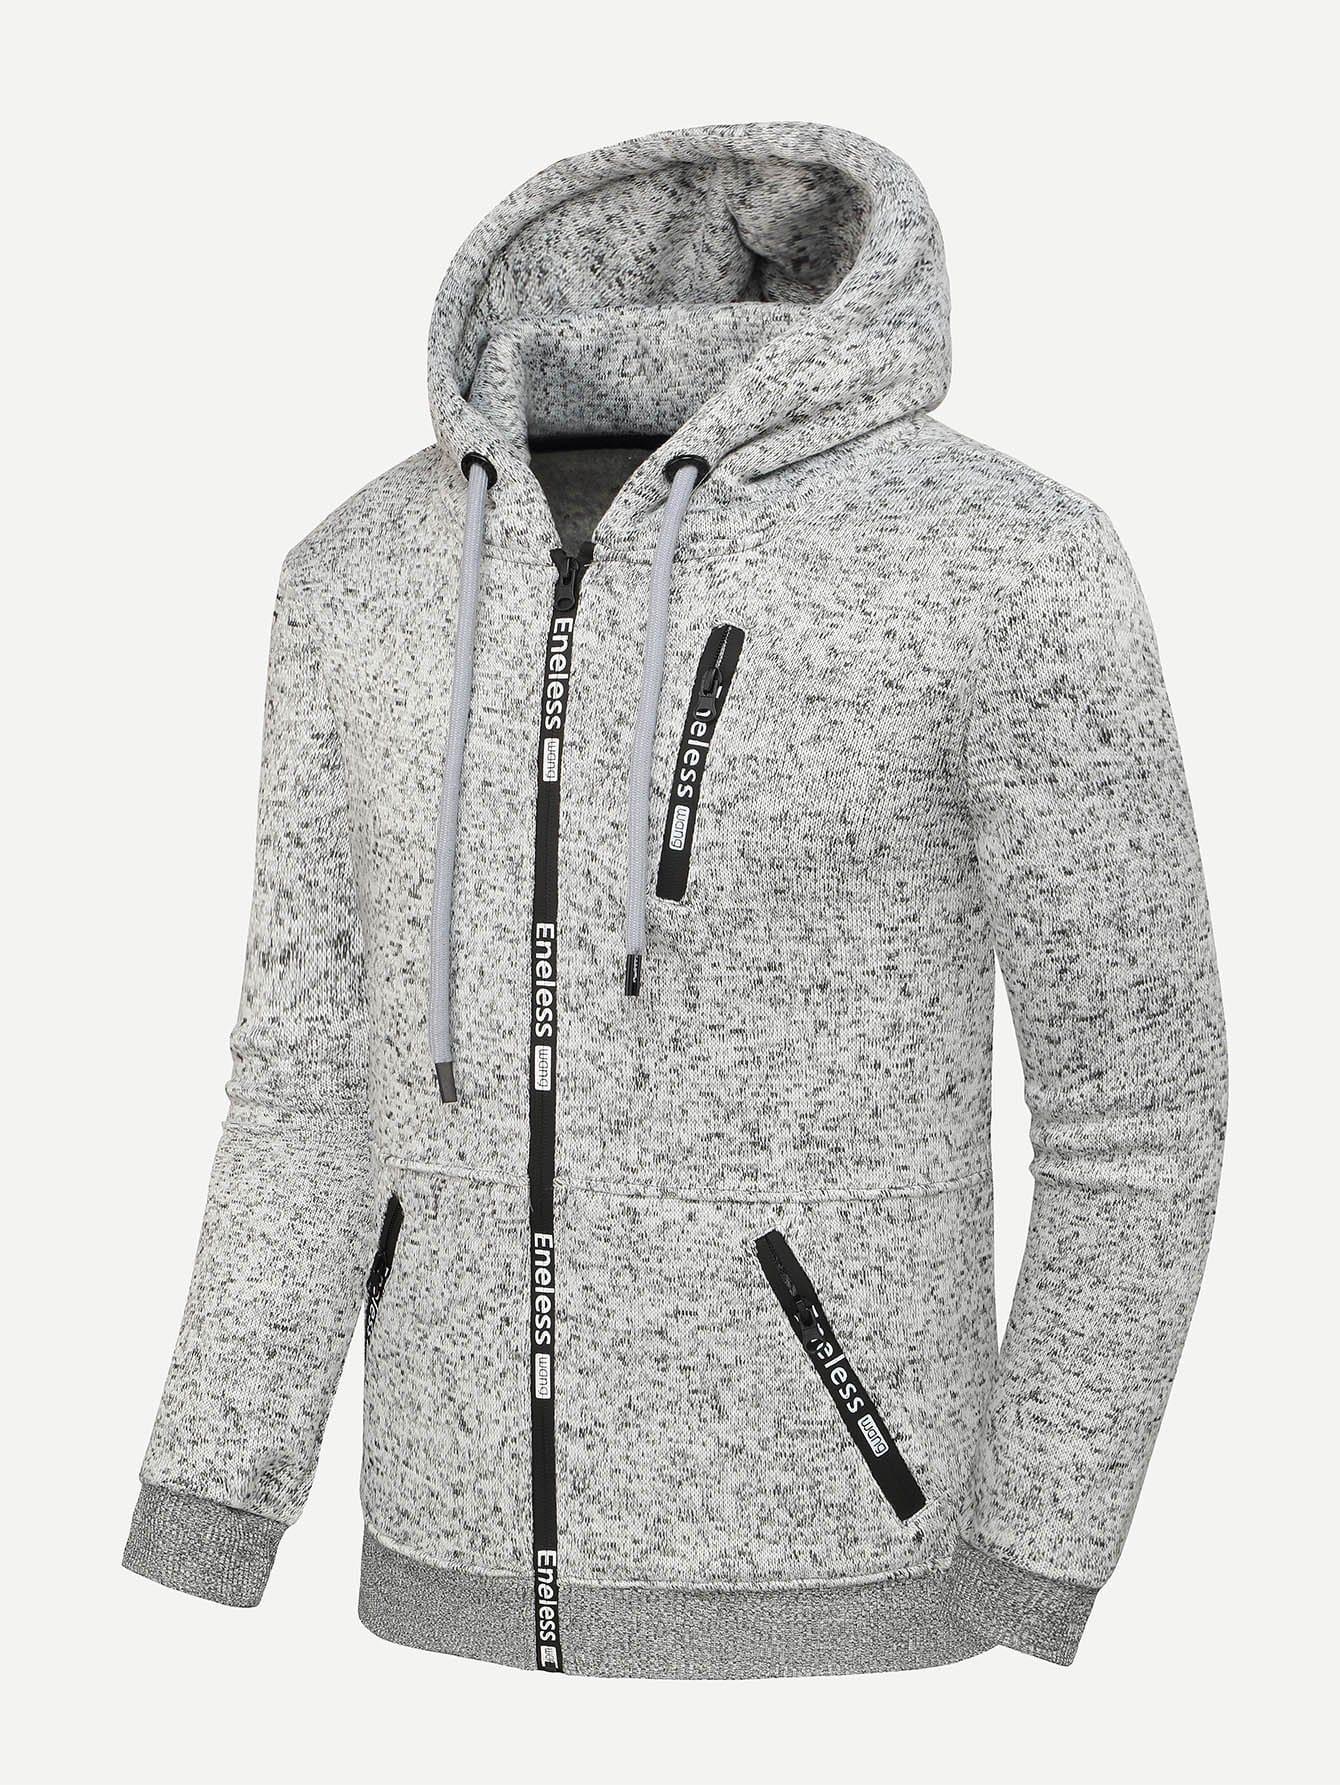 Men Zip Decoration Letter Print Hooded Jacket